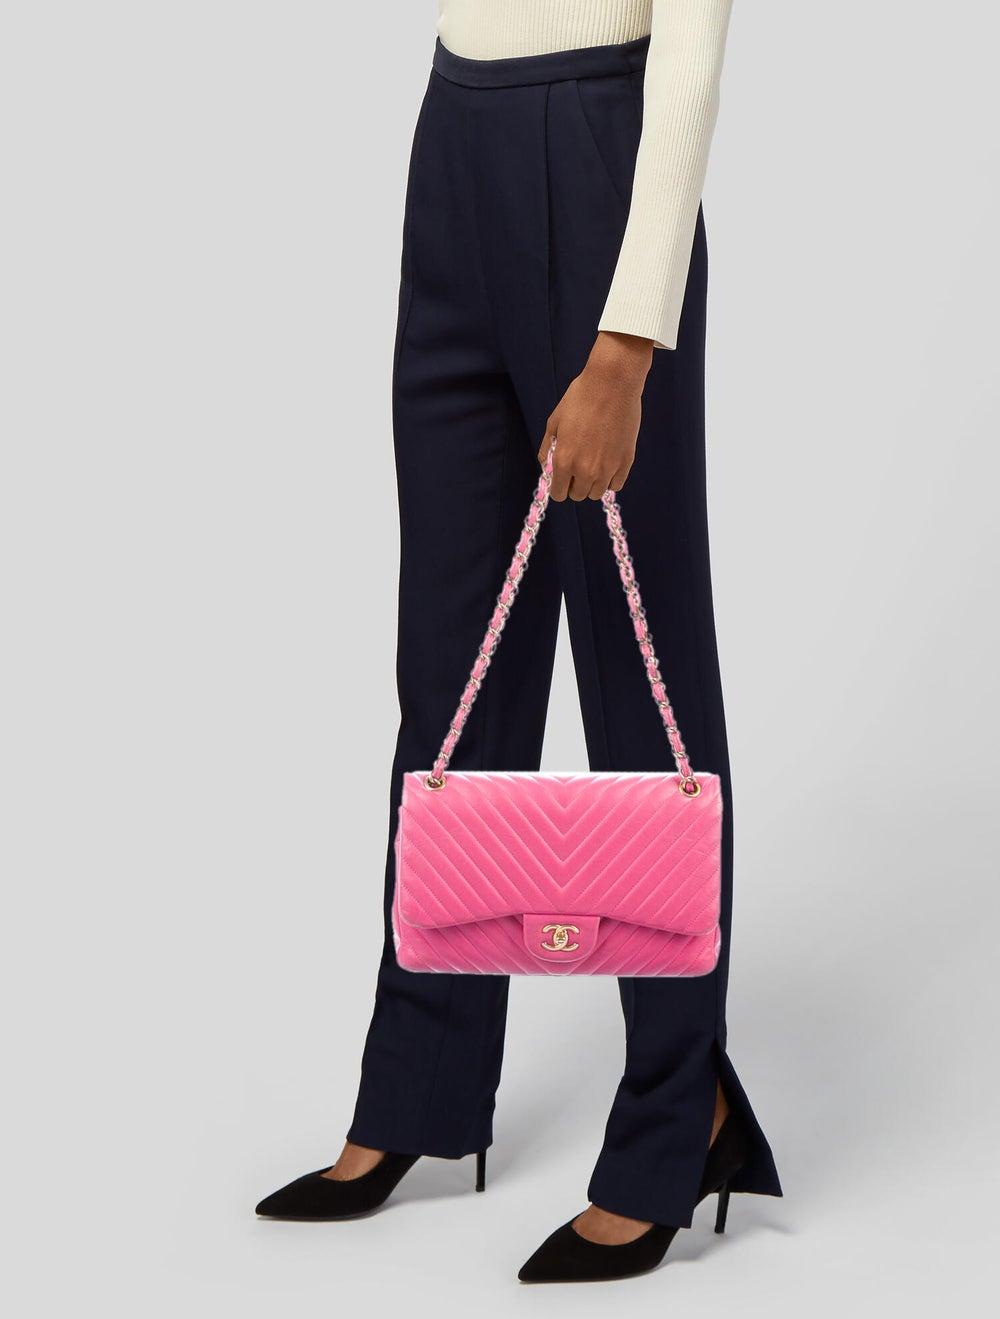 Chanel Chevron Jumbo Classic Double Flap Bag Pink - image 2